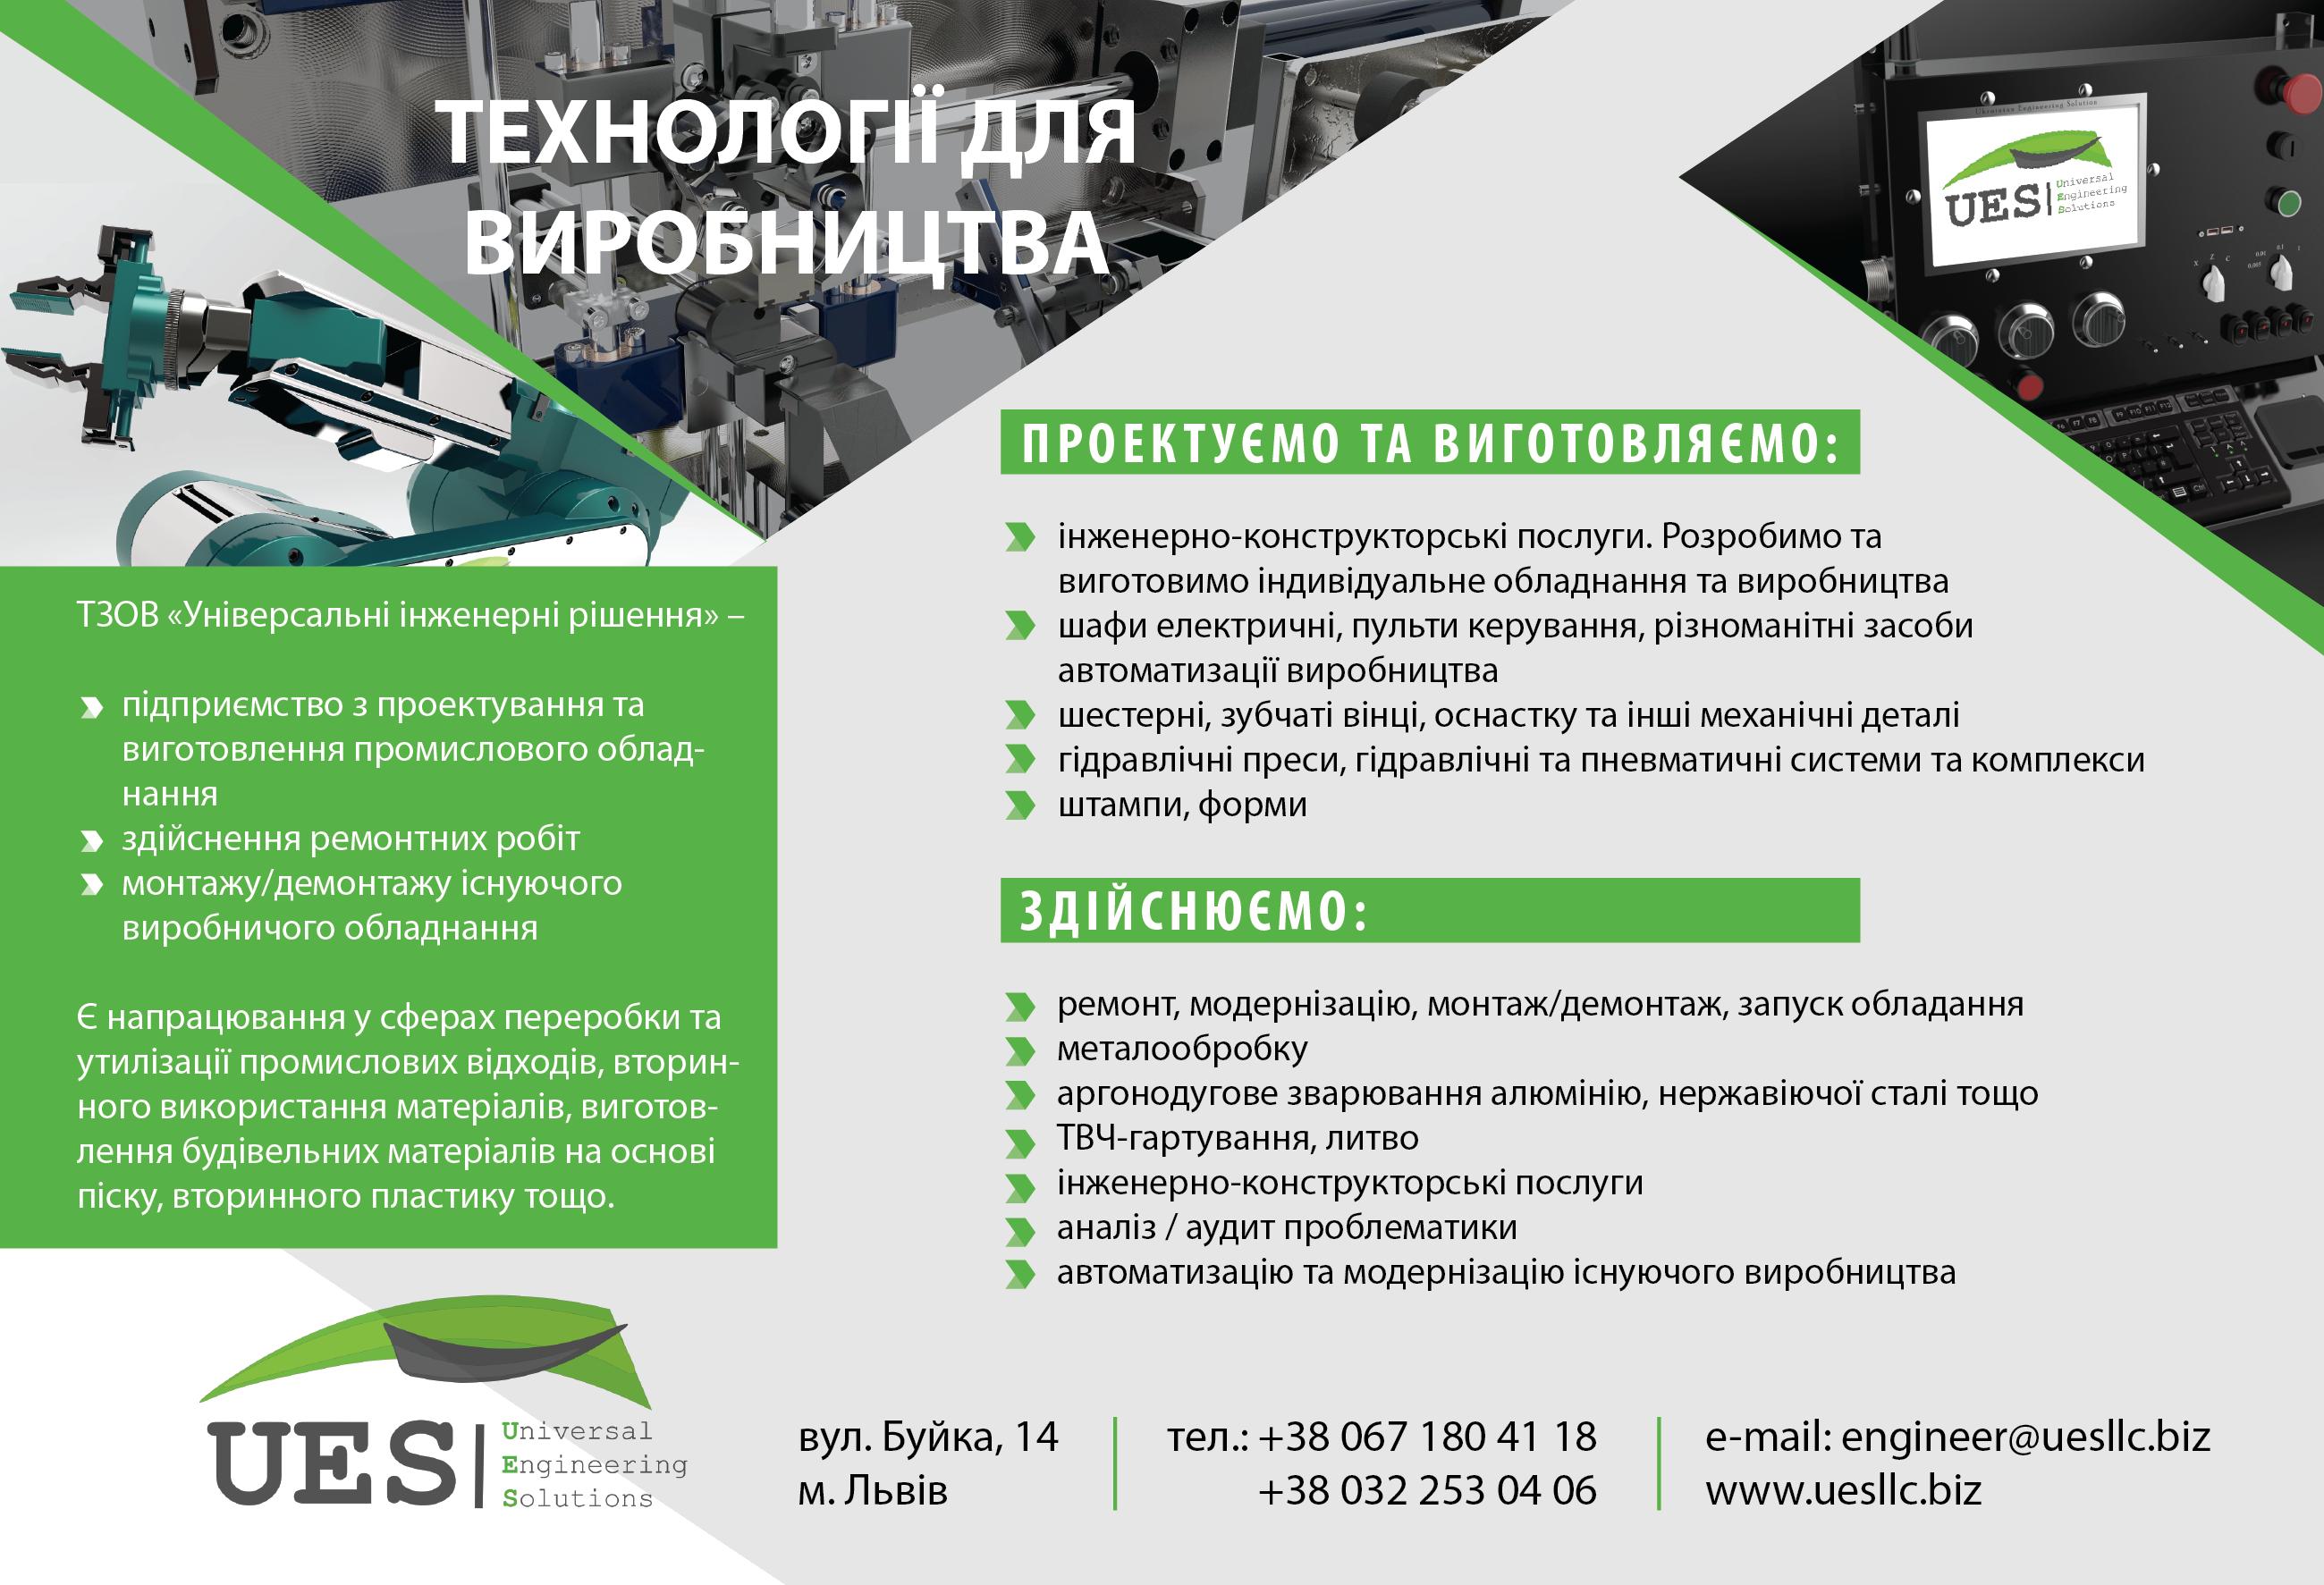 """Технології для виробництва від ТзОВ """"Універсальні інженерні рішення"""" 53da5809a4072"""